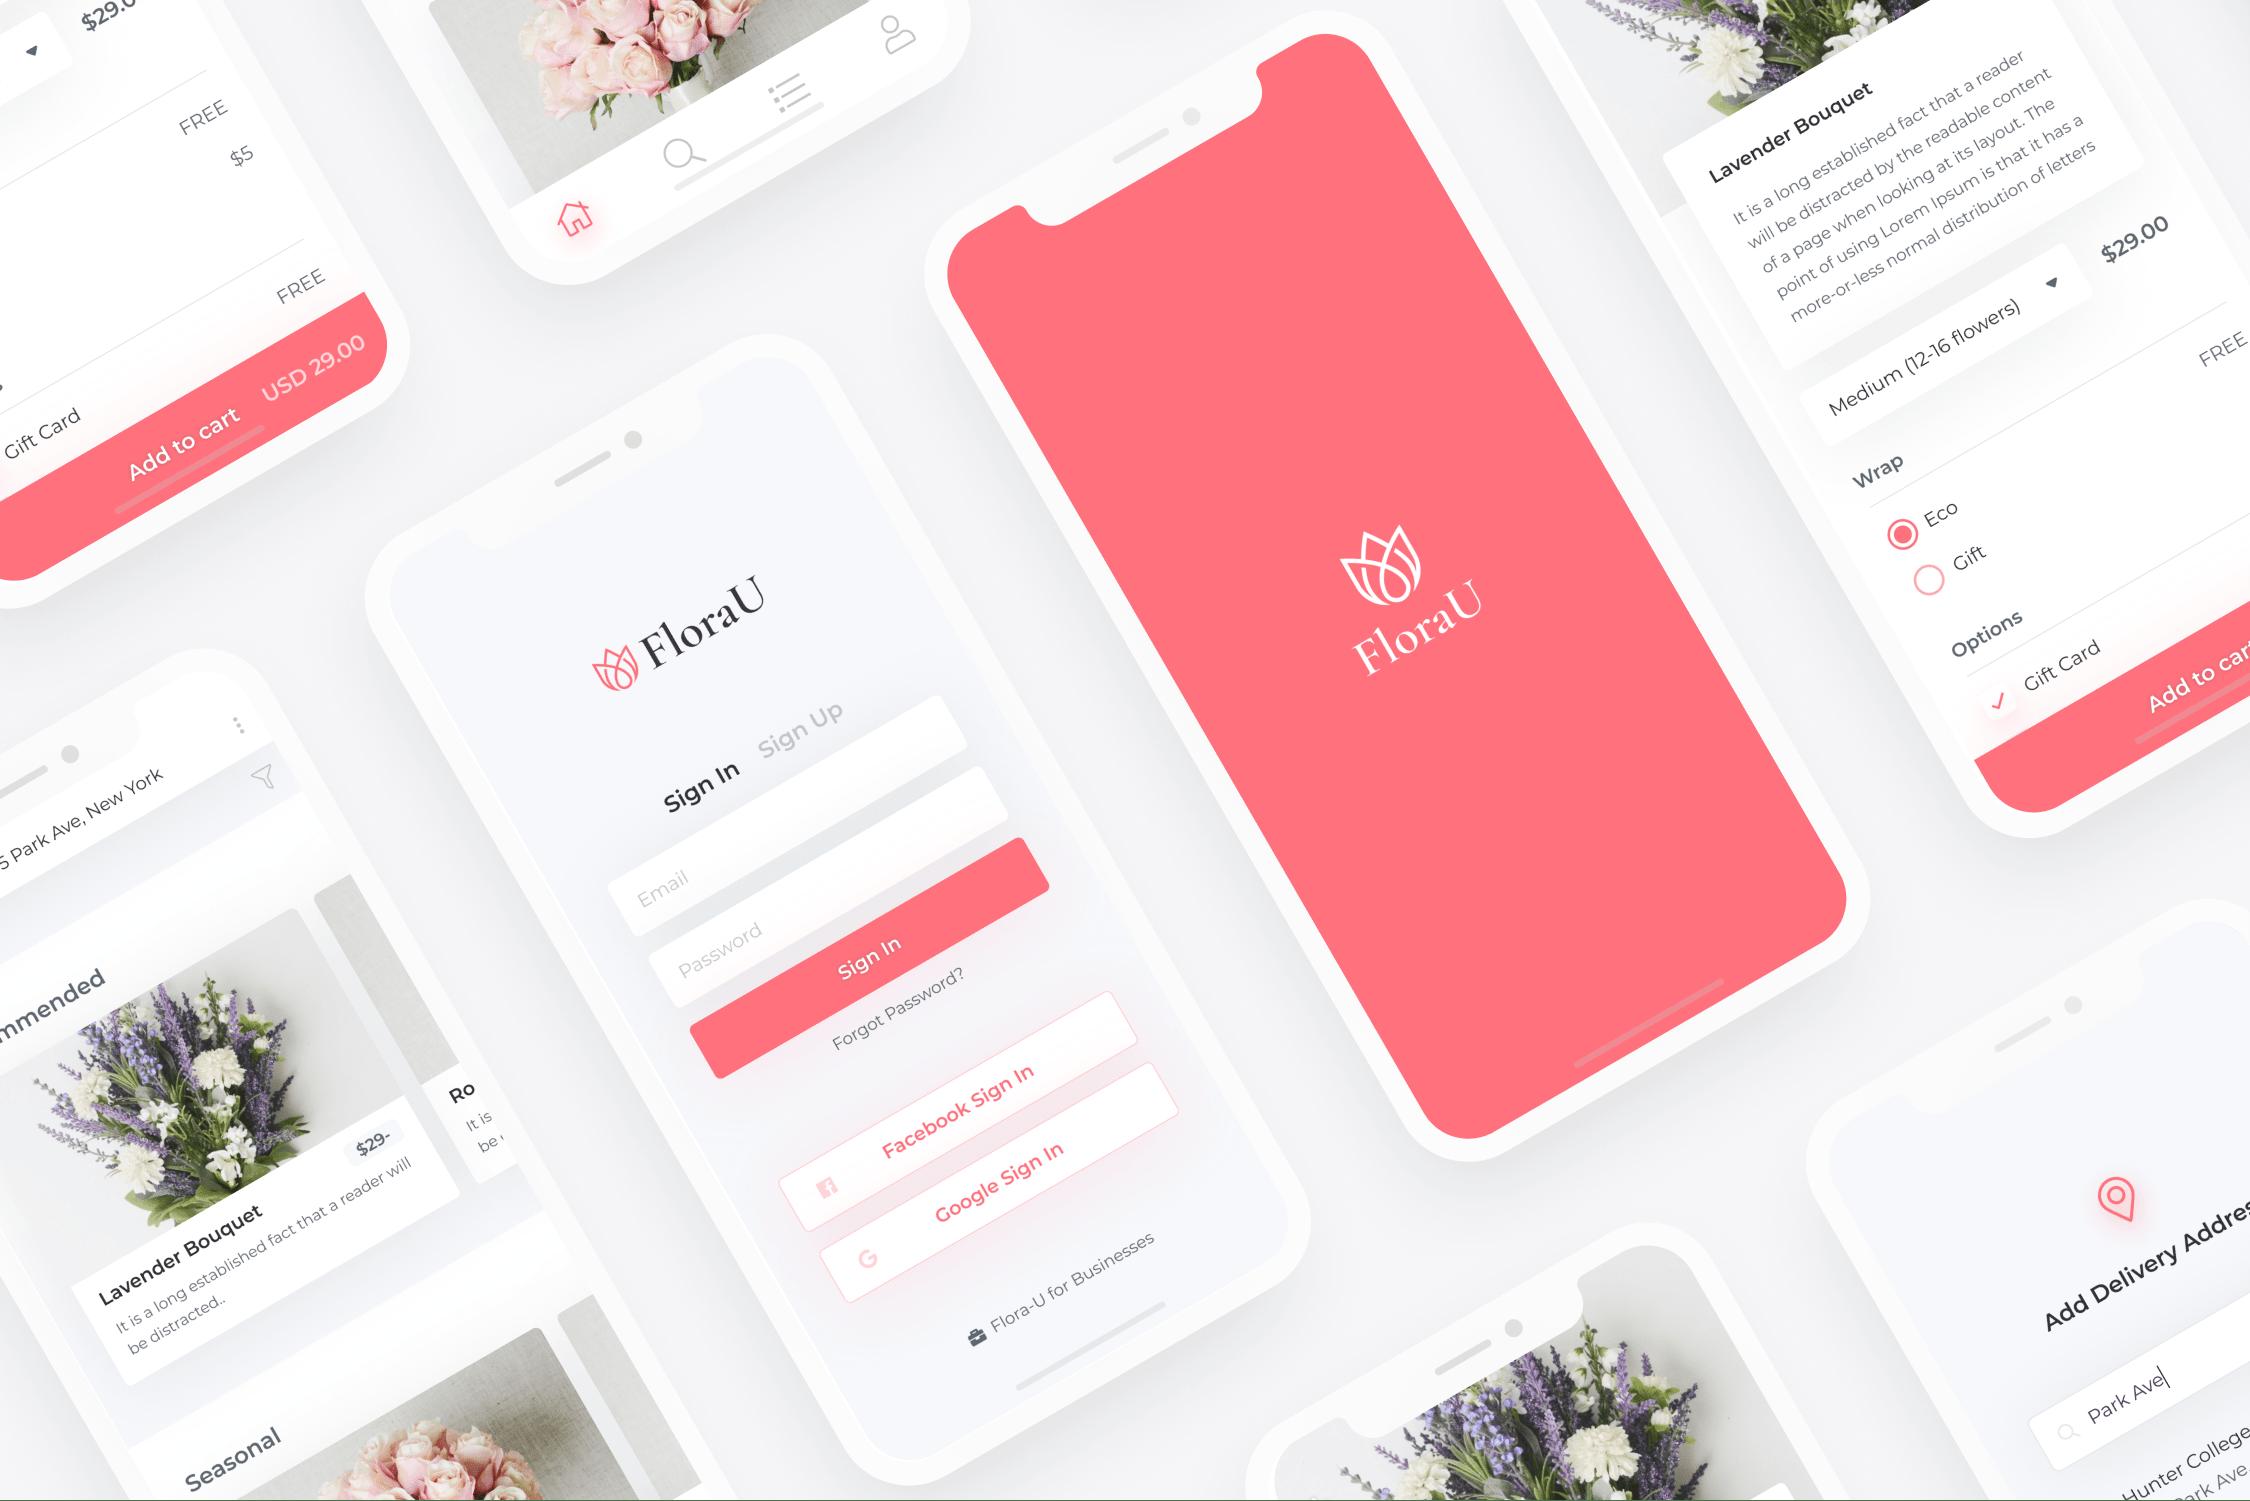 Flora-U Mobile App